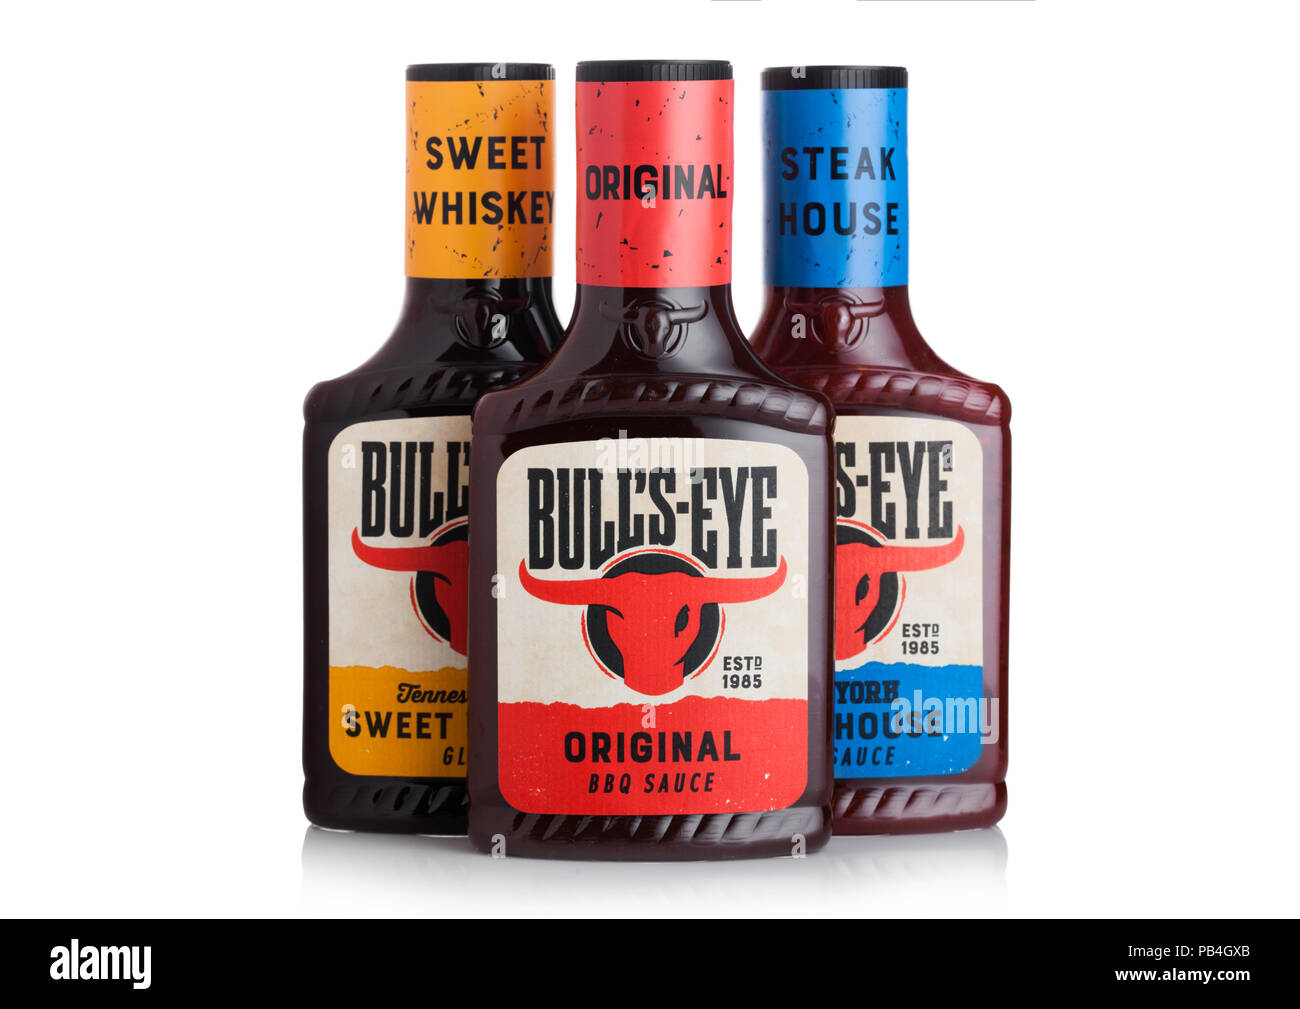 london-uk-july-28-2018-plastic-bottles-of-bulls-eye-bbq-sauce-on-white-background-PB4GXB.jpg